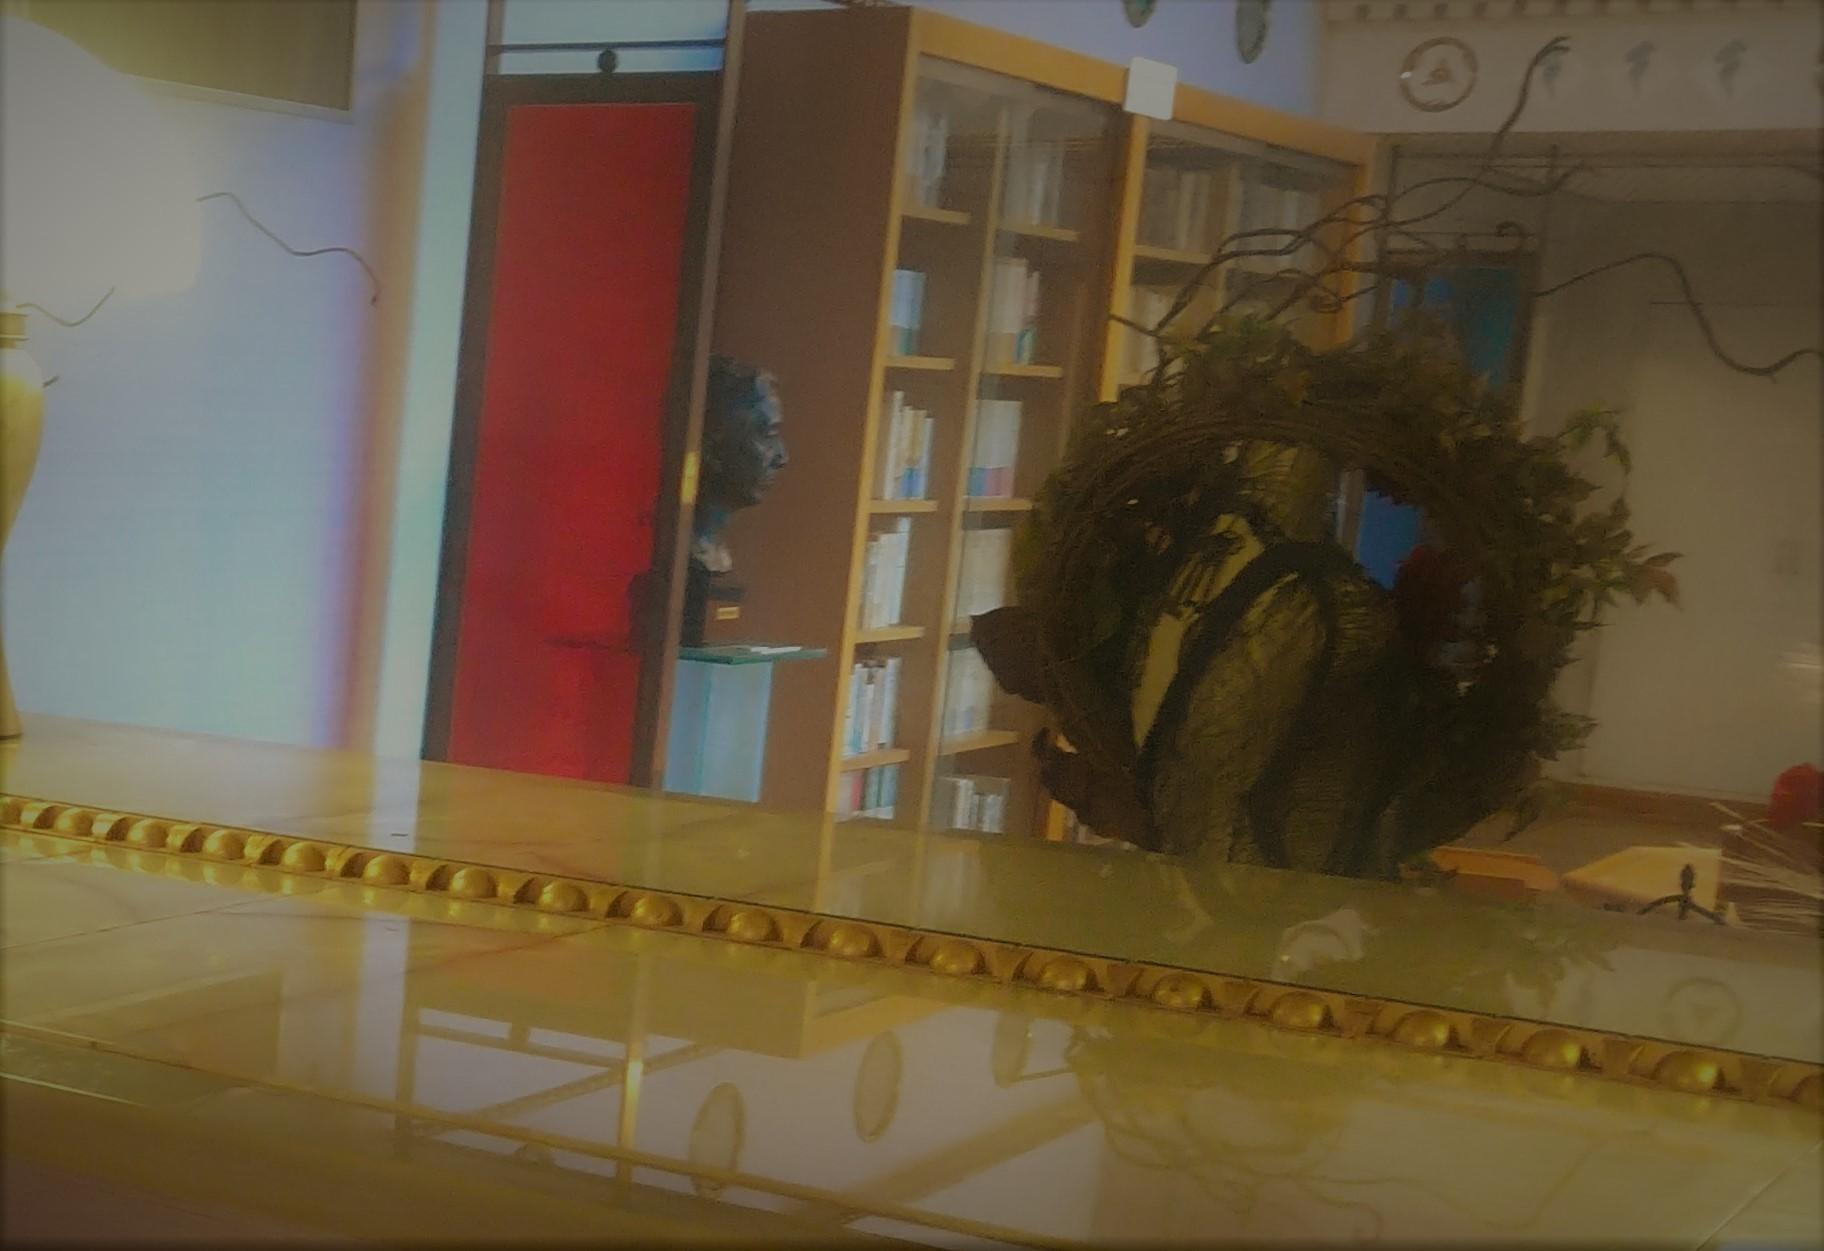 ハロウィン装飾の見どころ紹介_b0134195_18193257.jpg